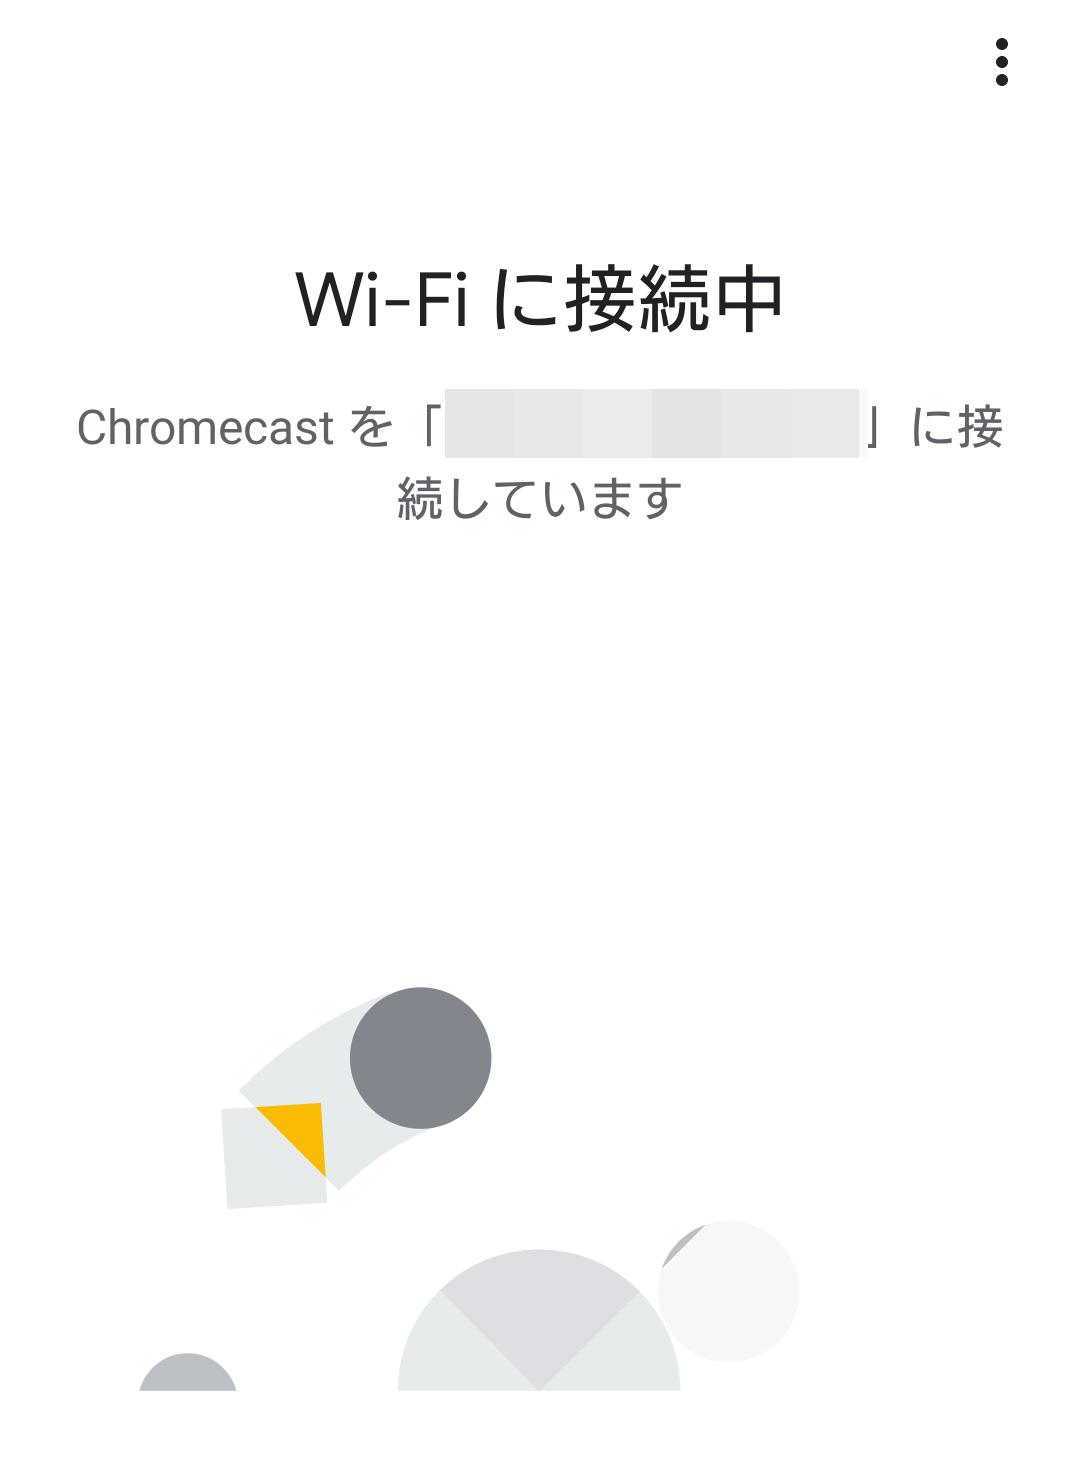 クロームキャストのWi-Fi再設定